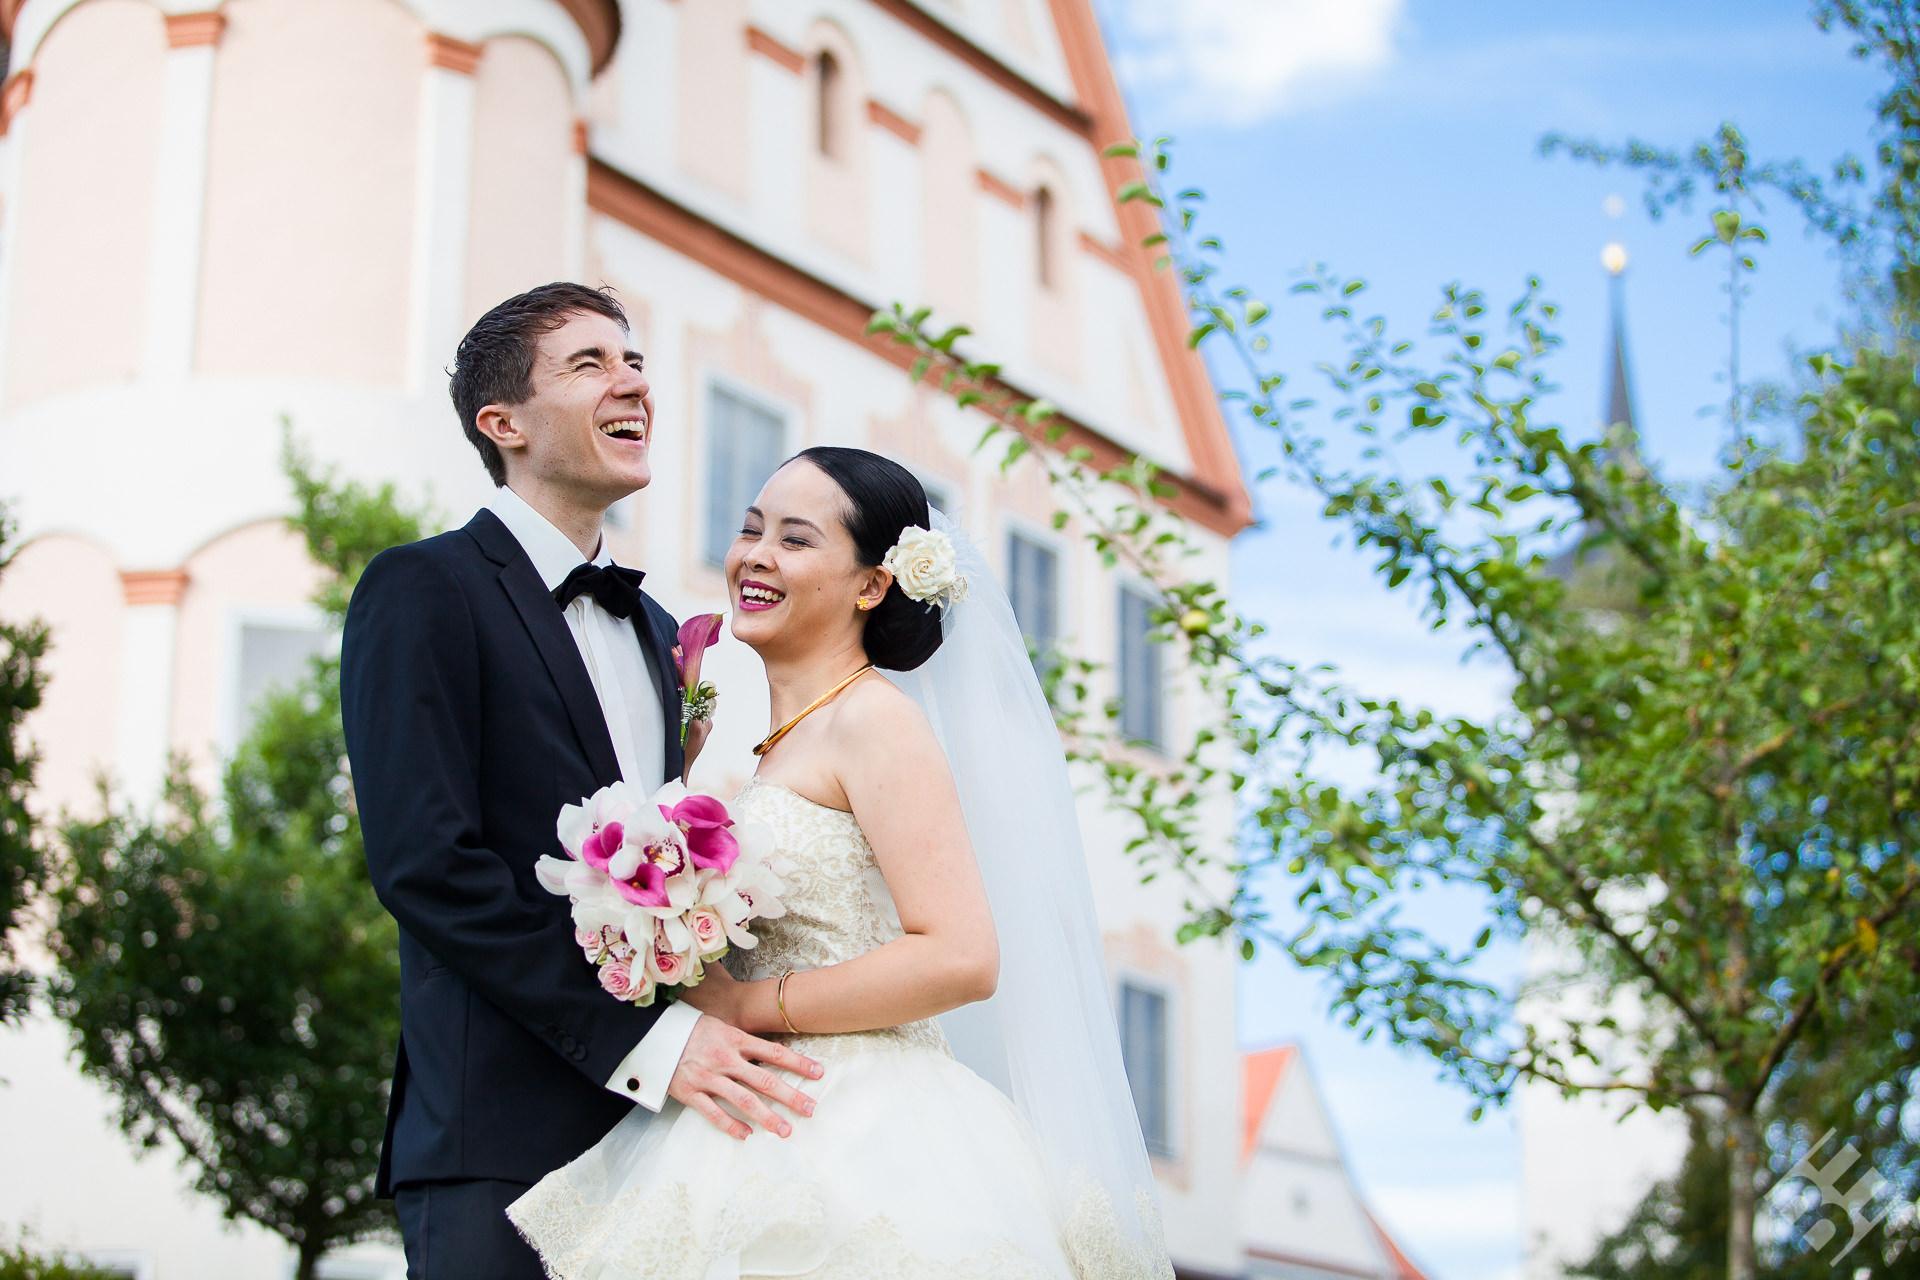 Hochzeit_69_IMG_0560_Volen_Evtimov